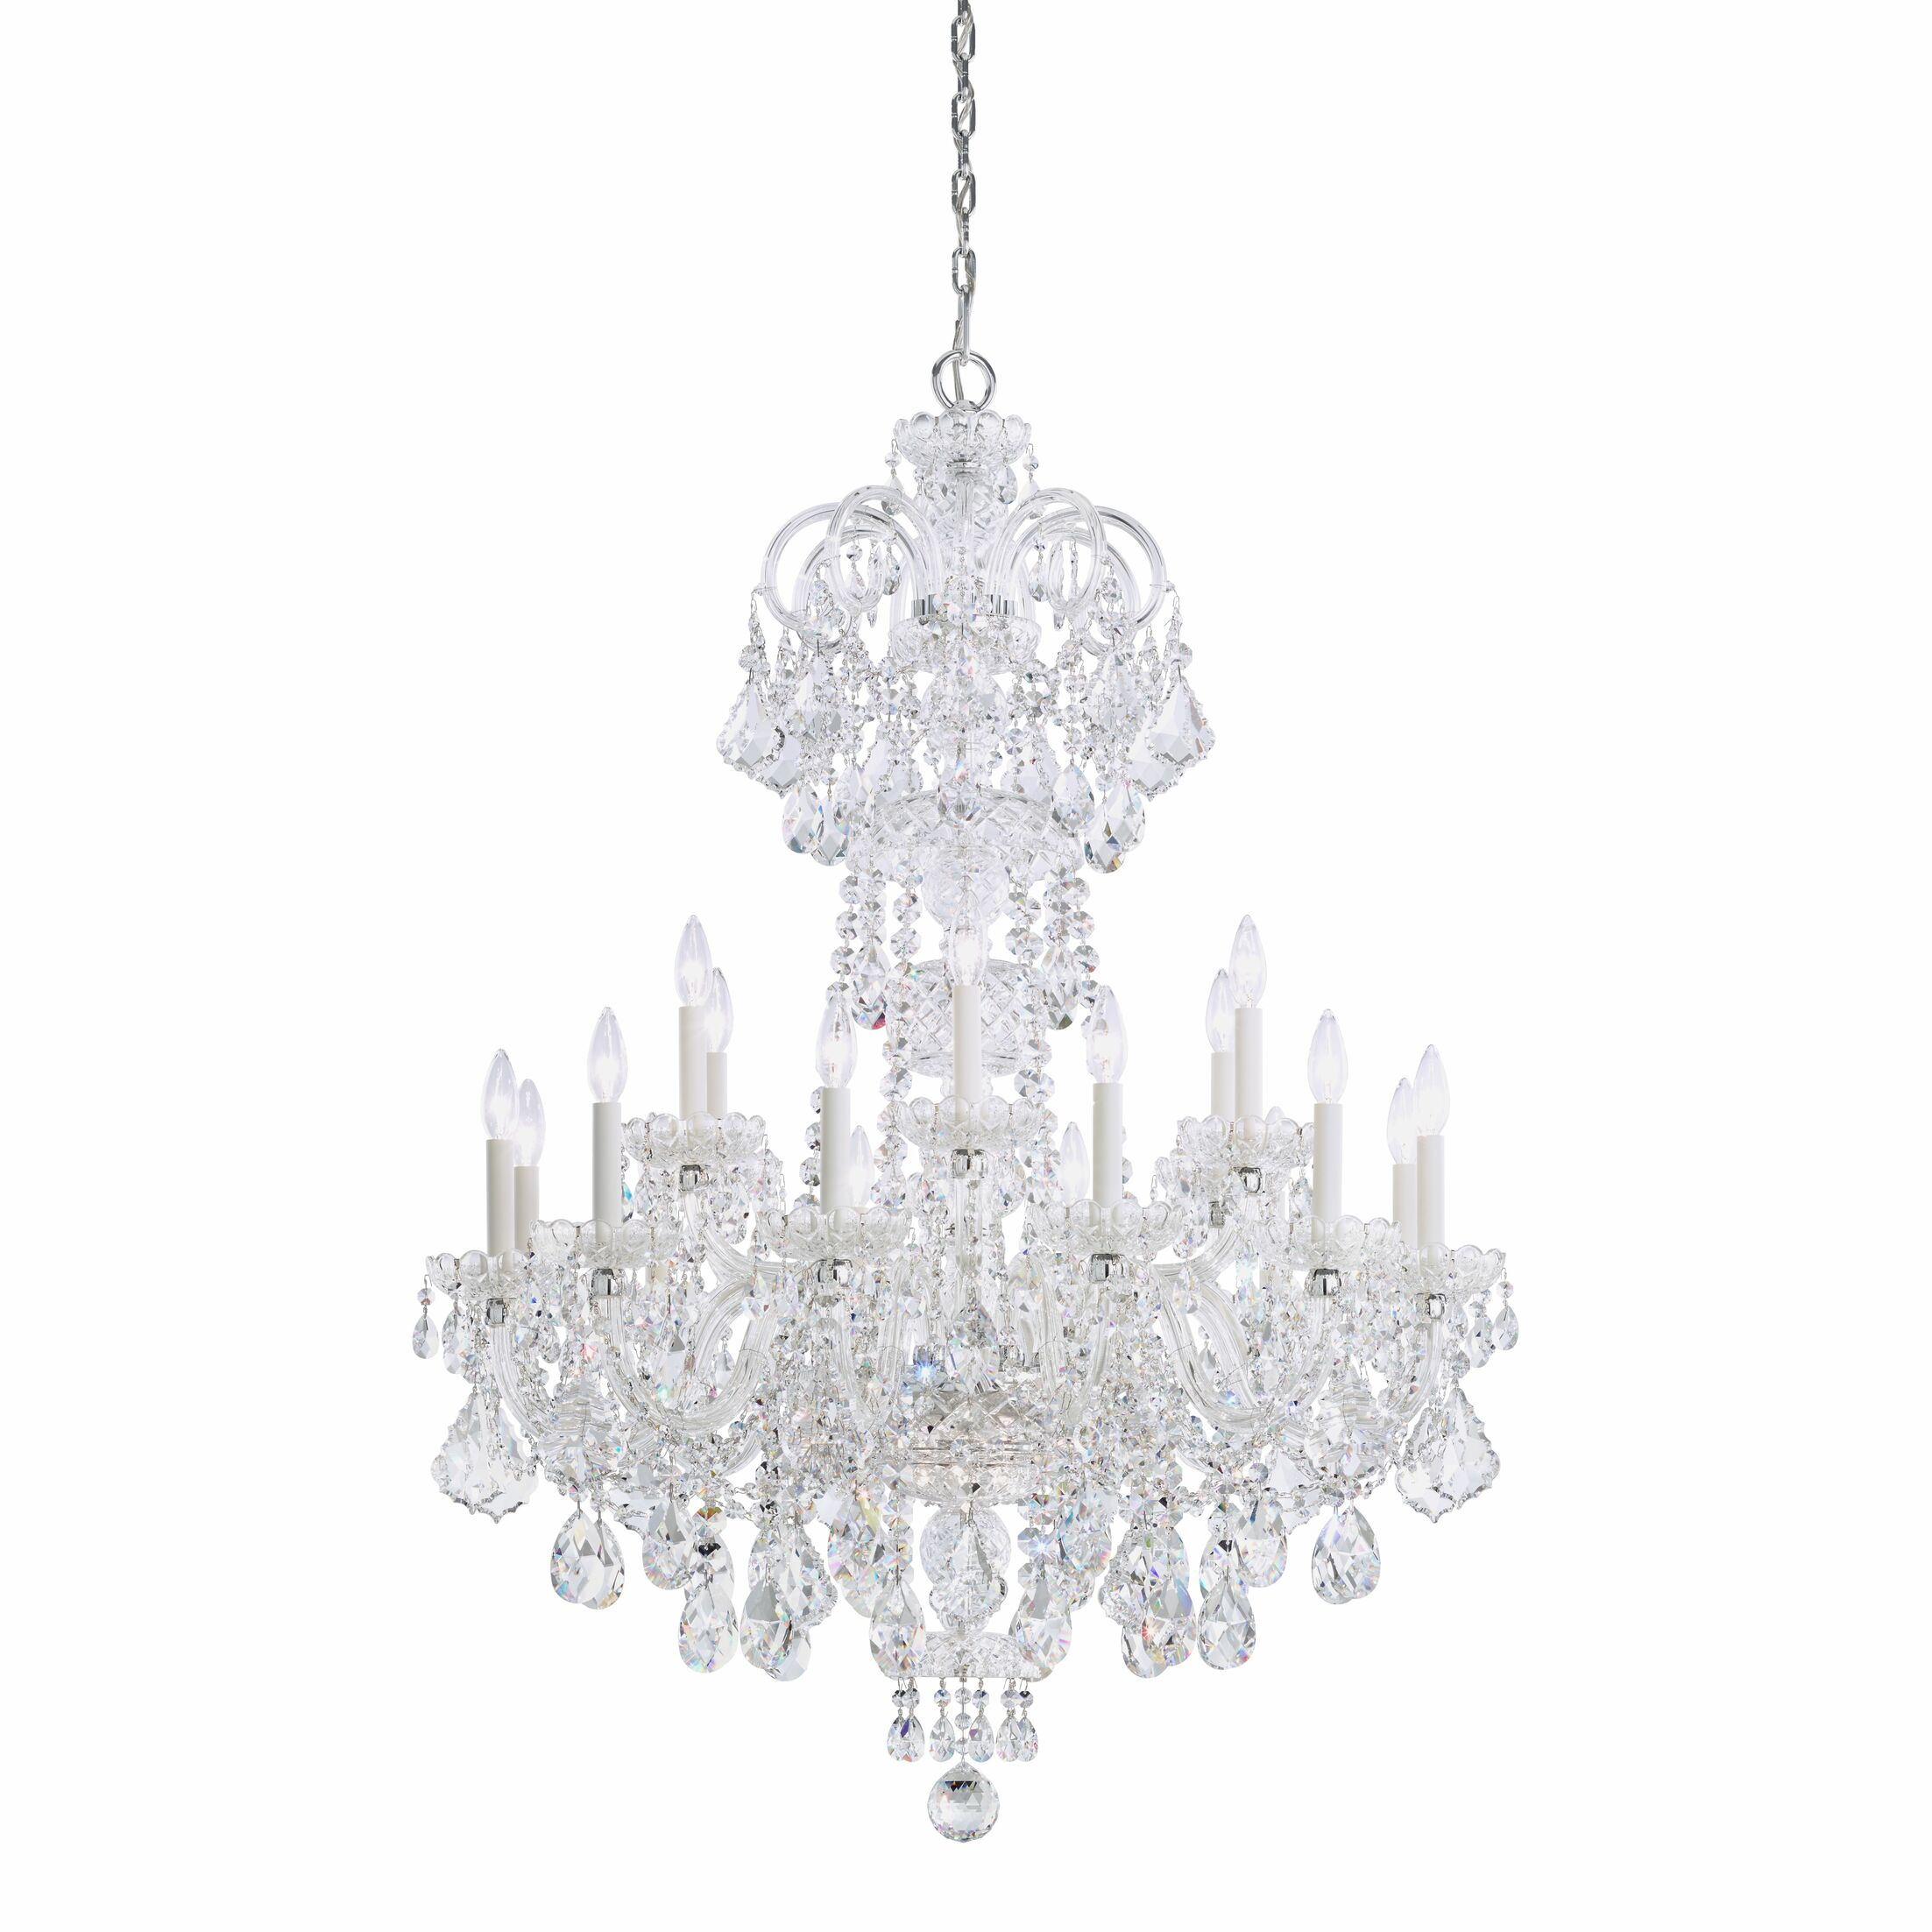 Olde World 18-Light Chandelier Color: Silver, Crystal Color: Spectra Swarovski